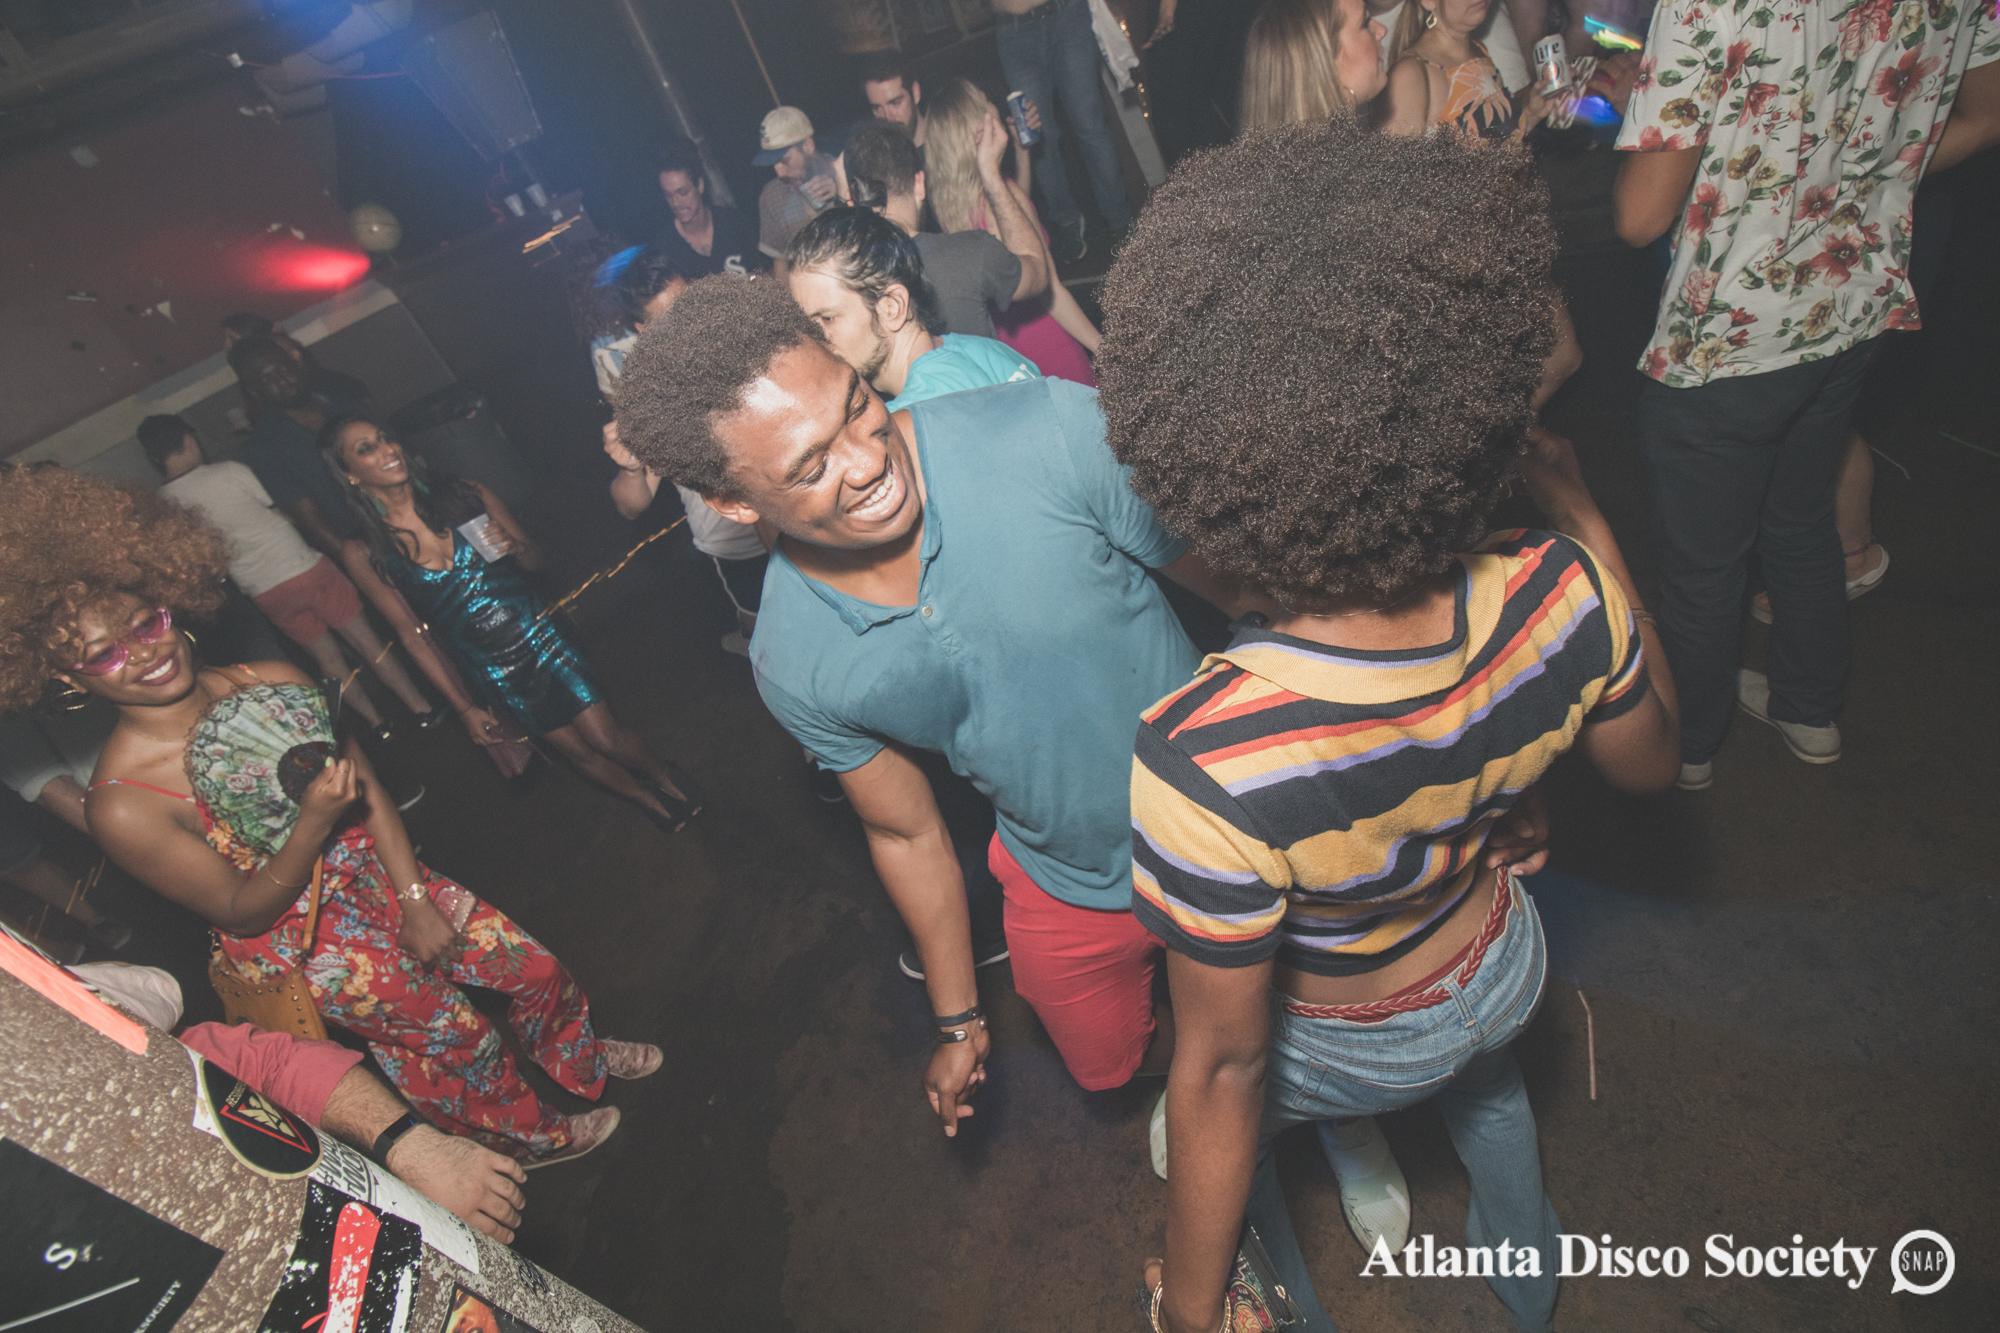 101Atlanta Disco Society Grace Kelly Oh Snap Kid 7.27.19.jpg